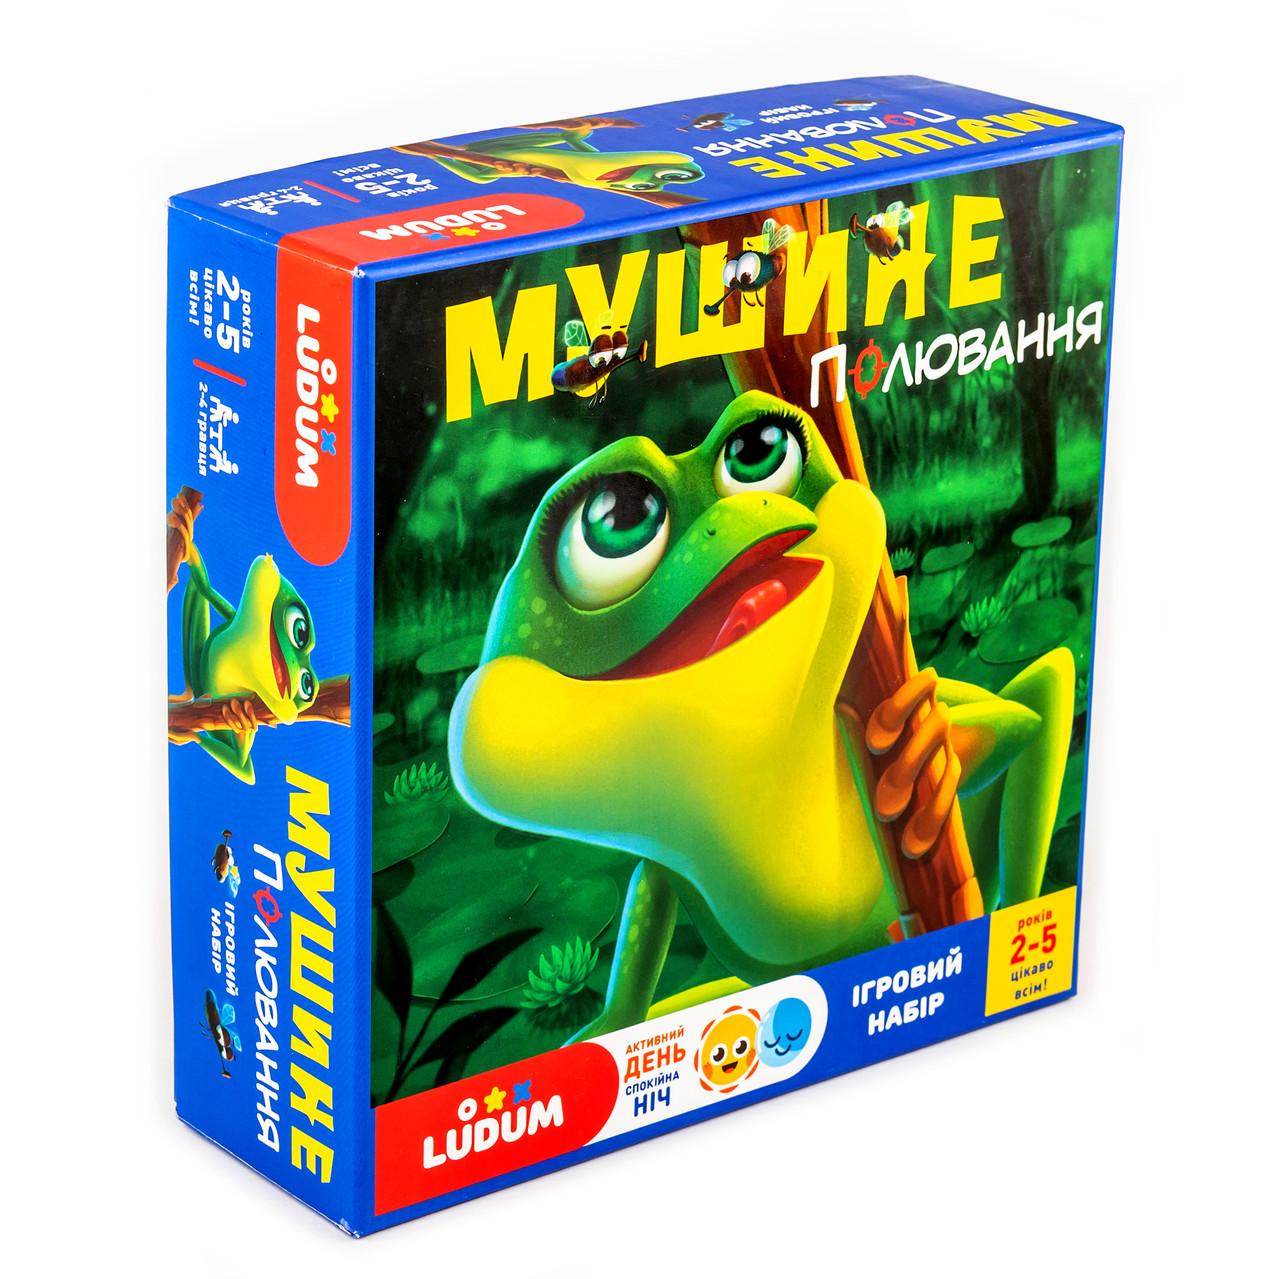 Настольная игра с аудиосказкой - игровой набор для детей 2-5 лет Мушиная охота  TM LUDUM